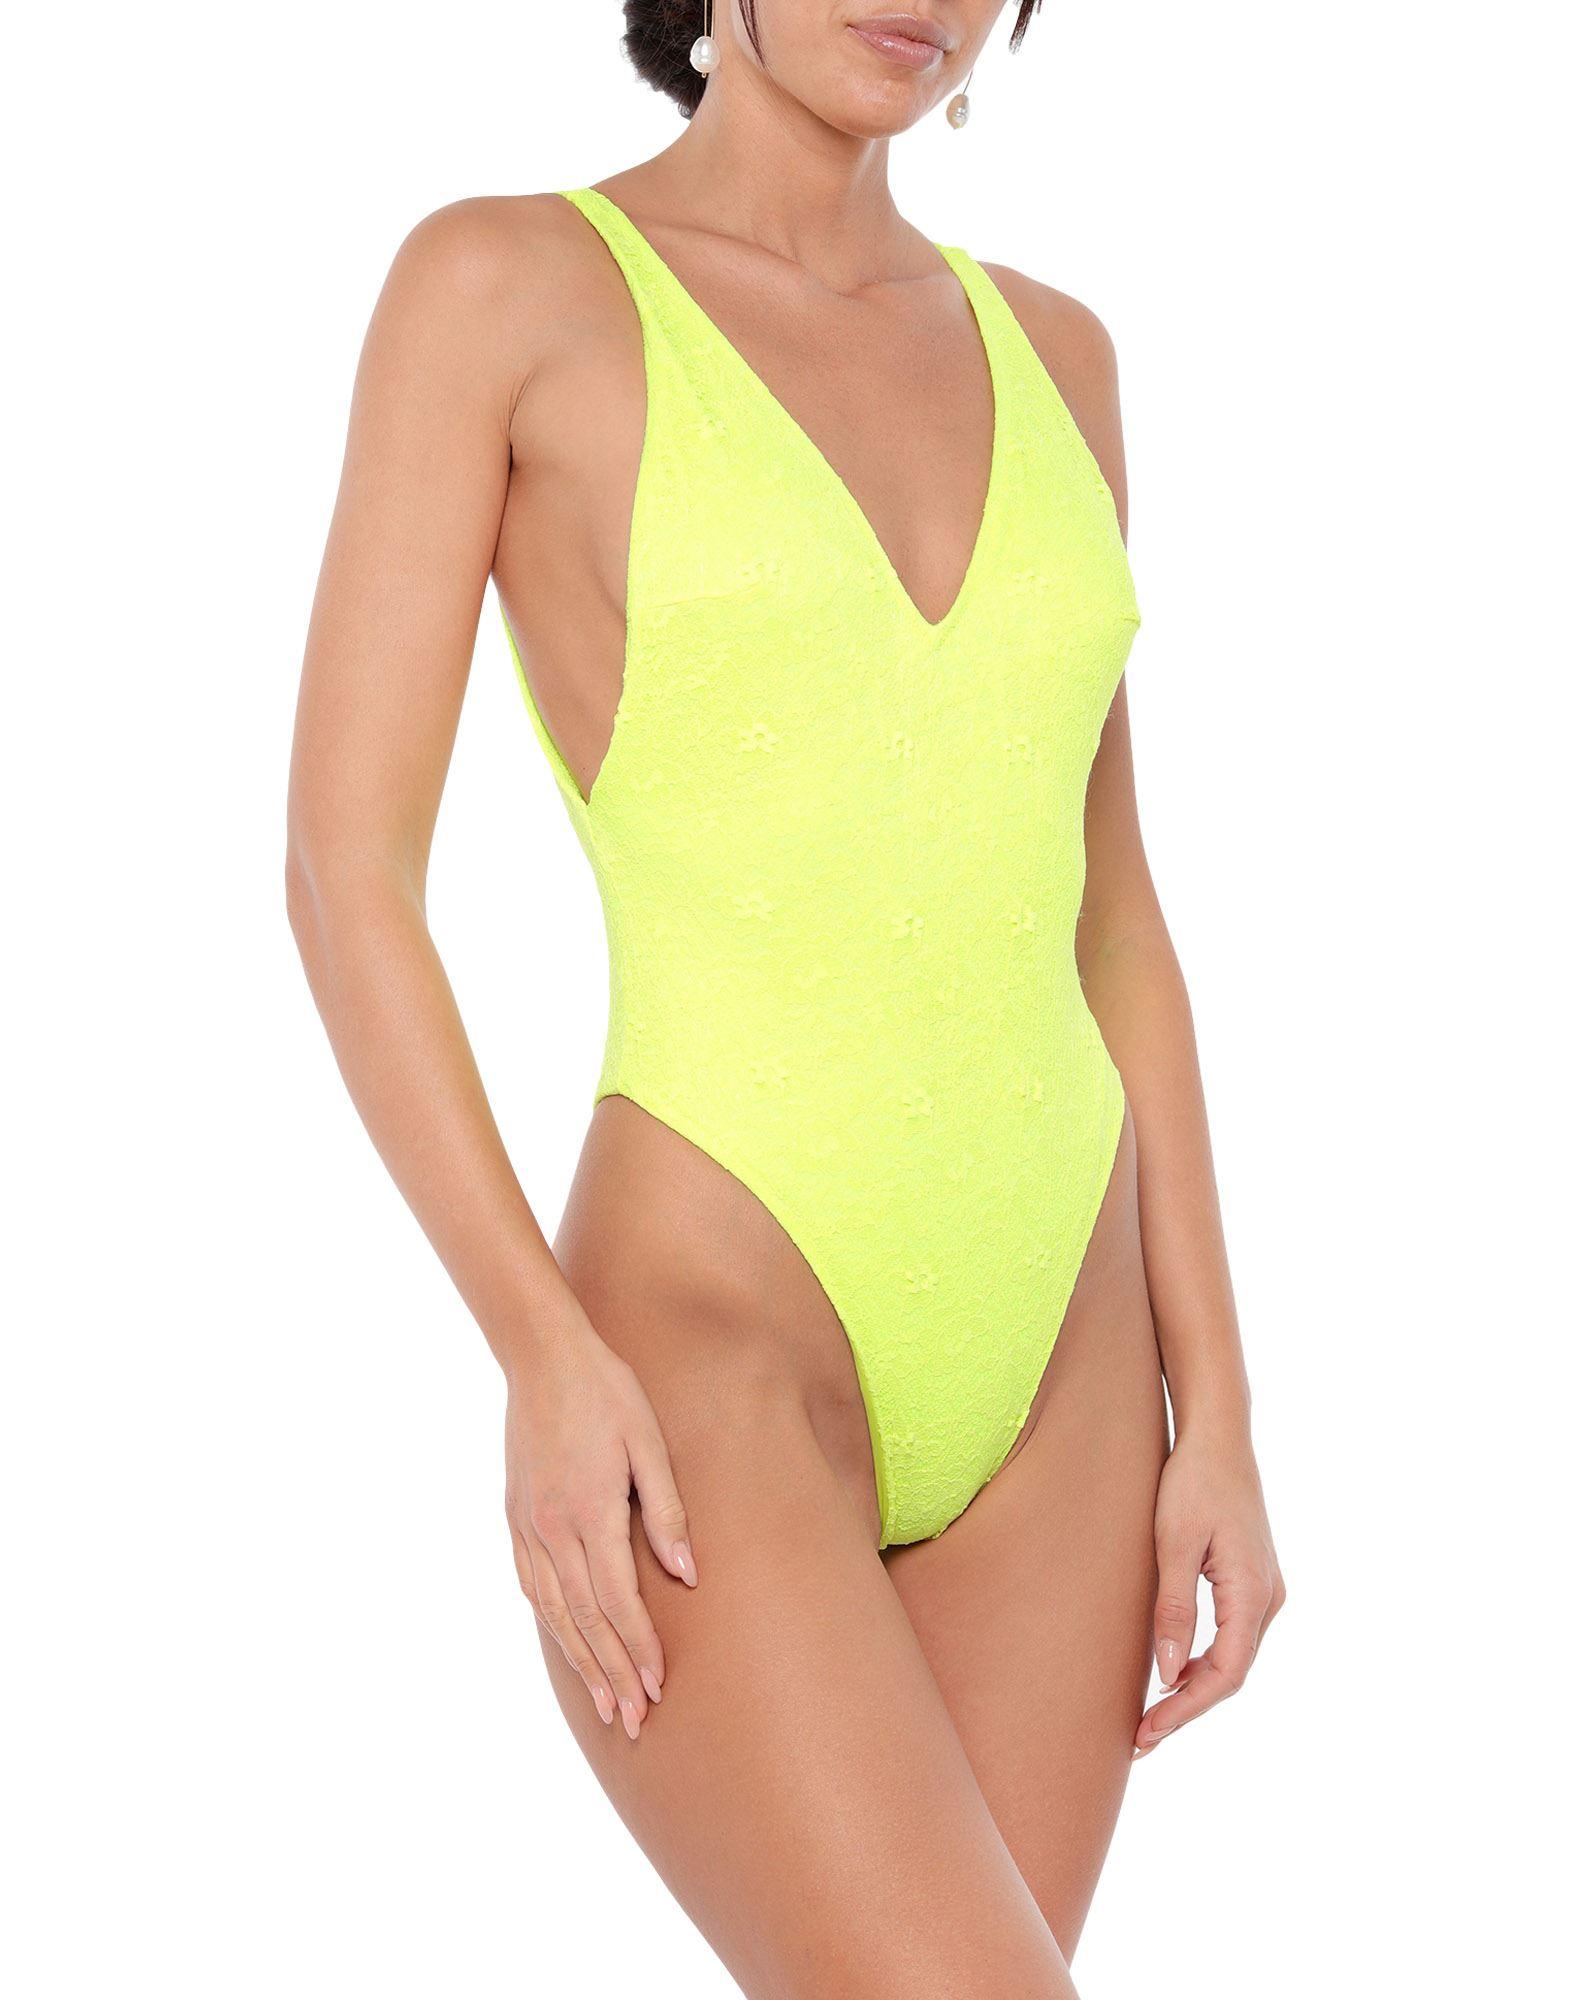 MISS BIKINI LUXE Слитный купальник купальник aini winfrey 8328 bikini